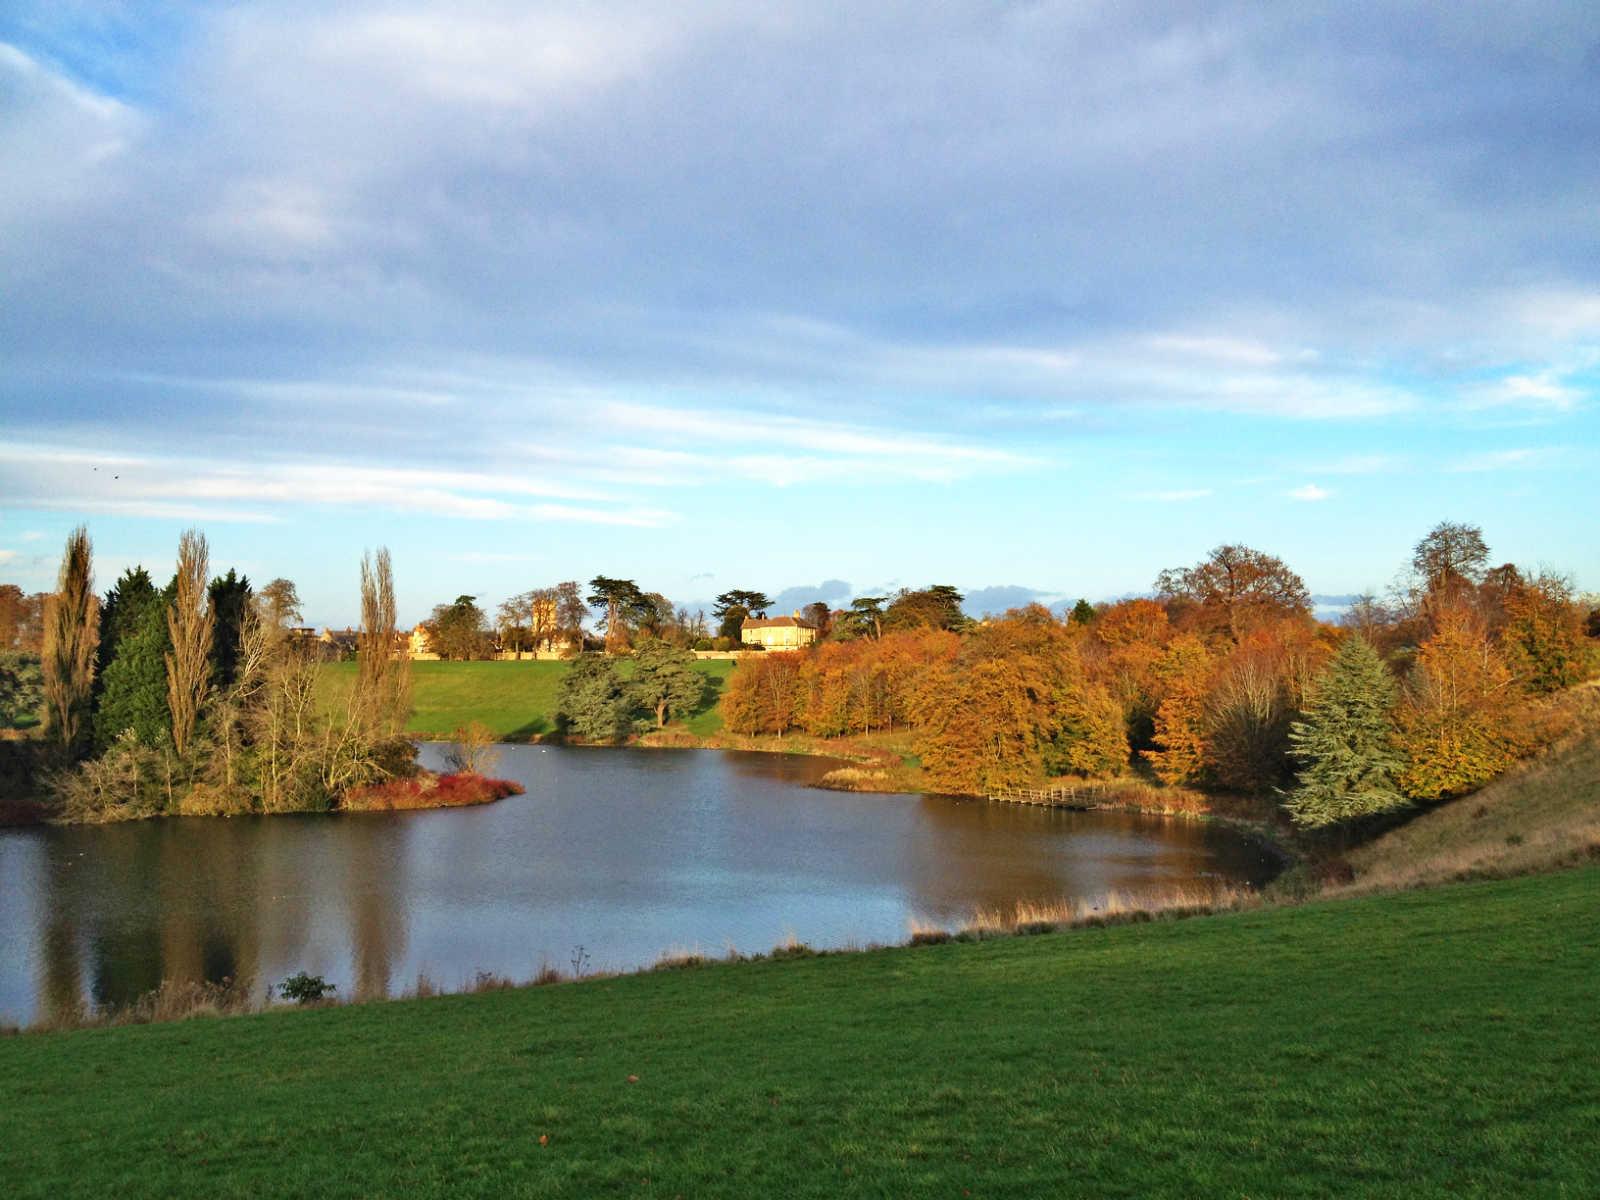 英国导游手记之-丘吉尔庄园blenheim palace图片